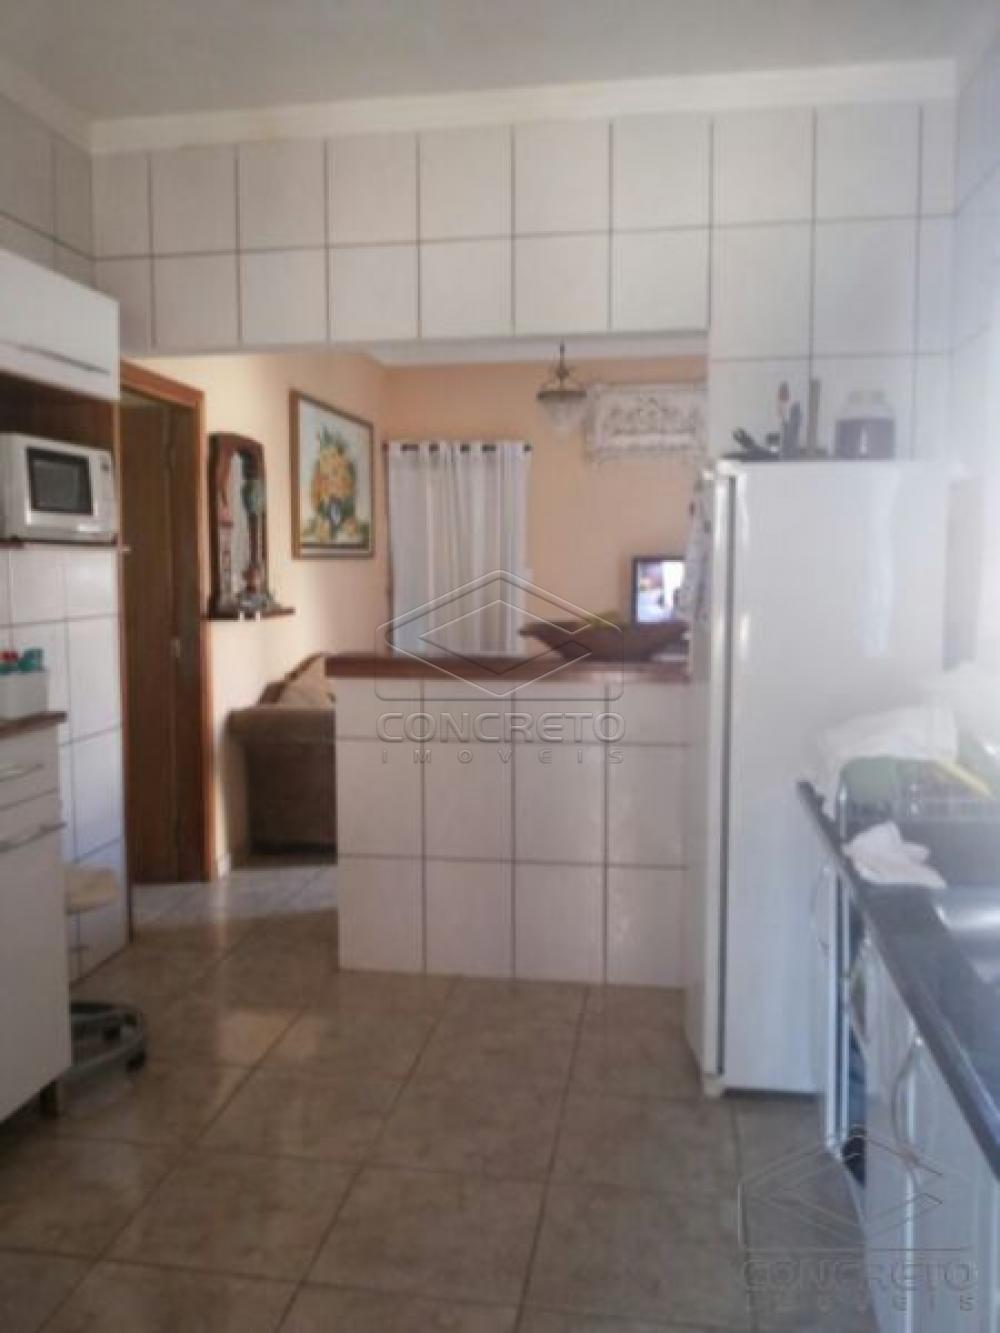 Comprar Casa / Padrão em Bauru R$ 320.000,00 - Foto 1